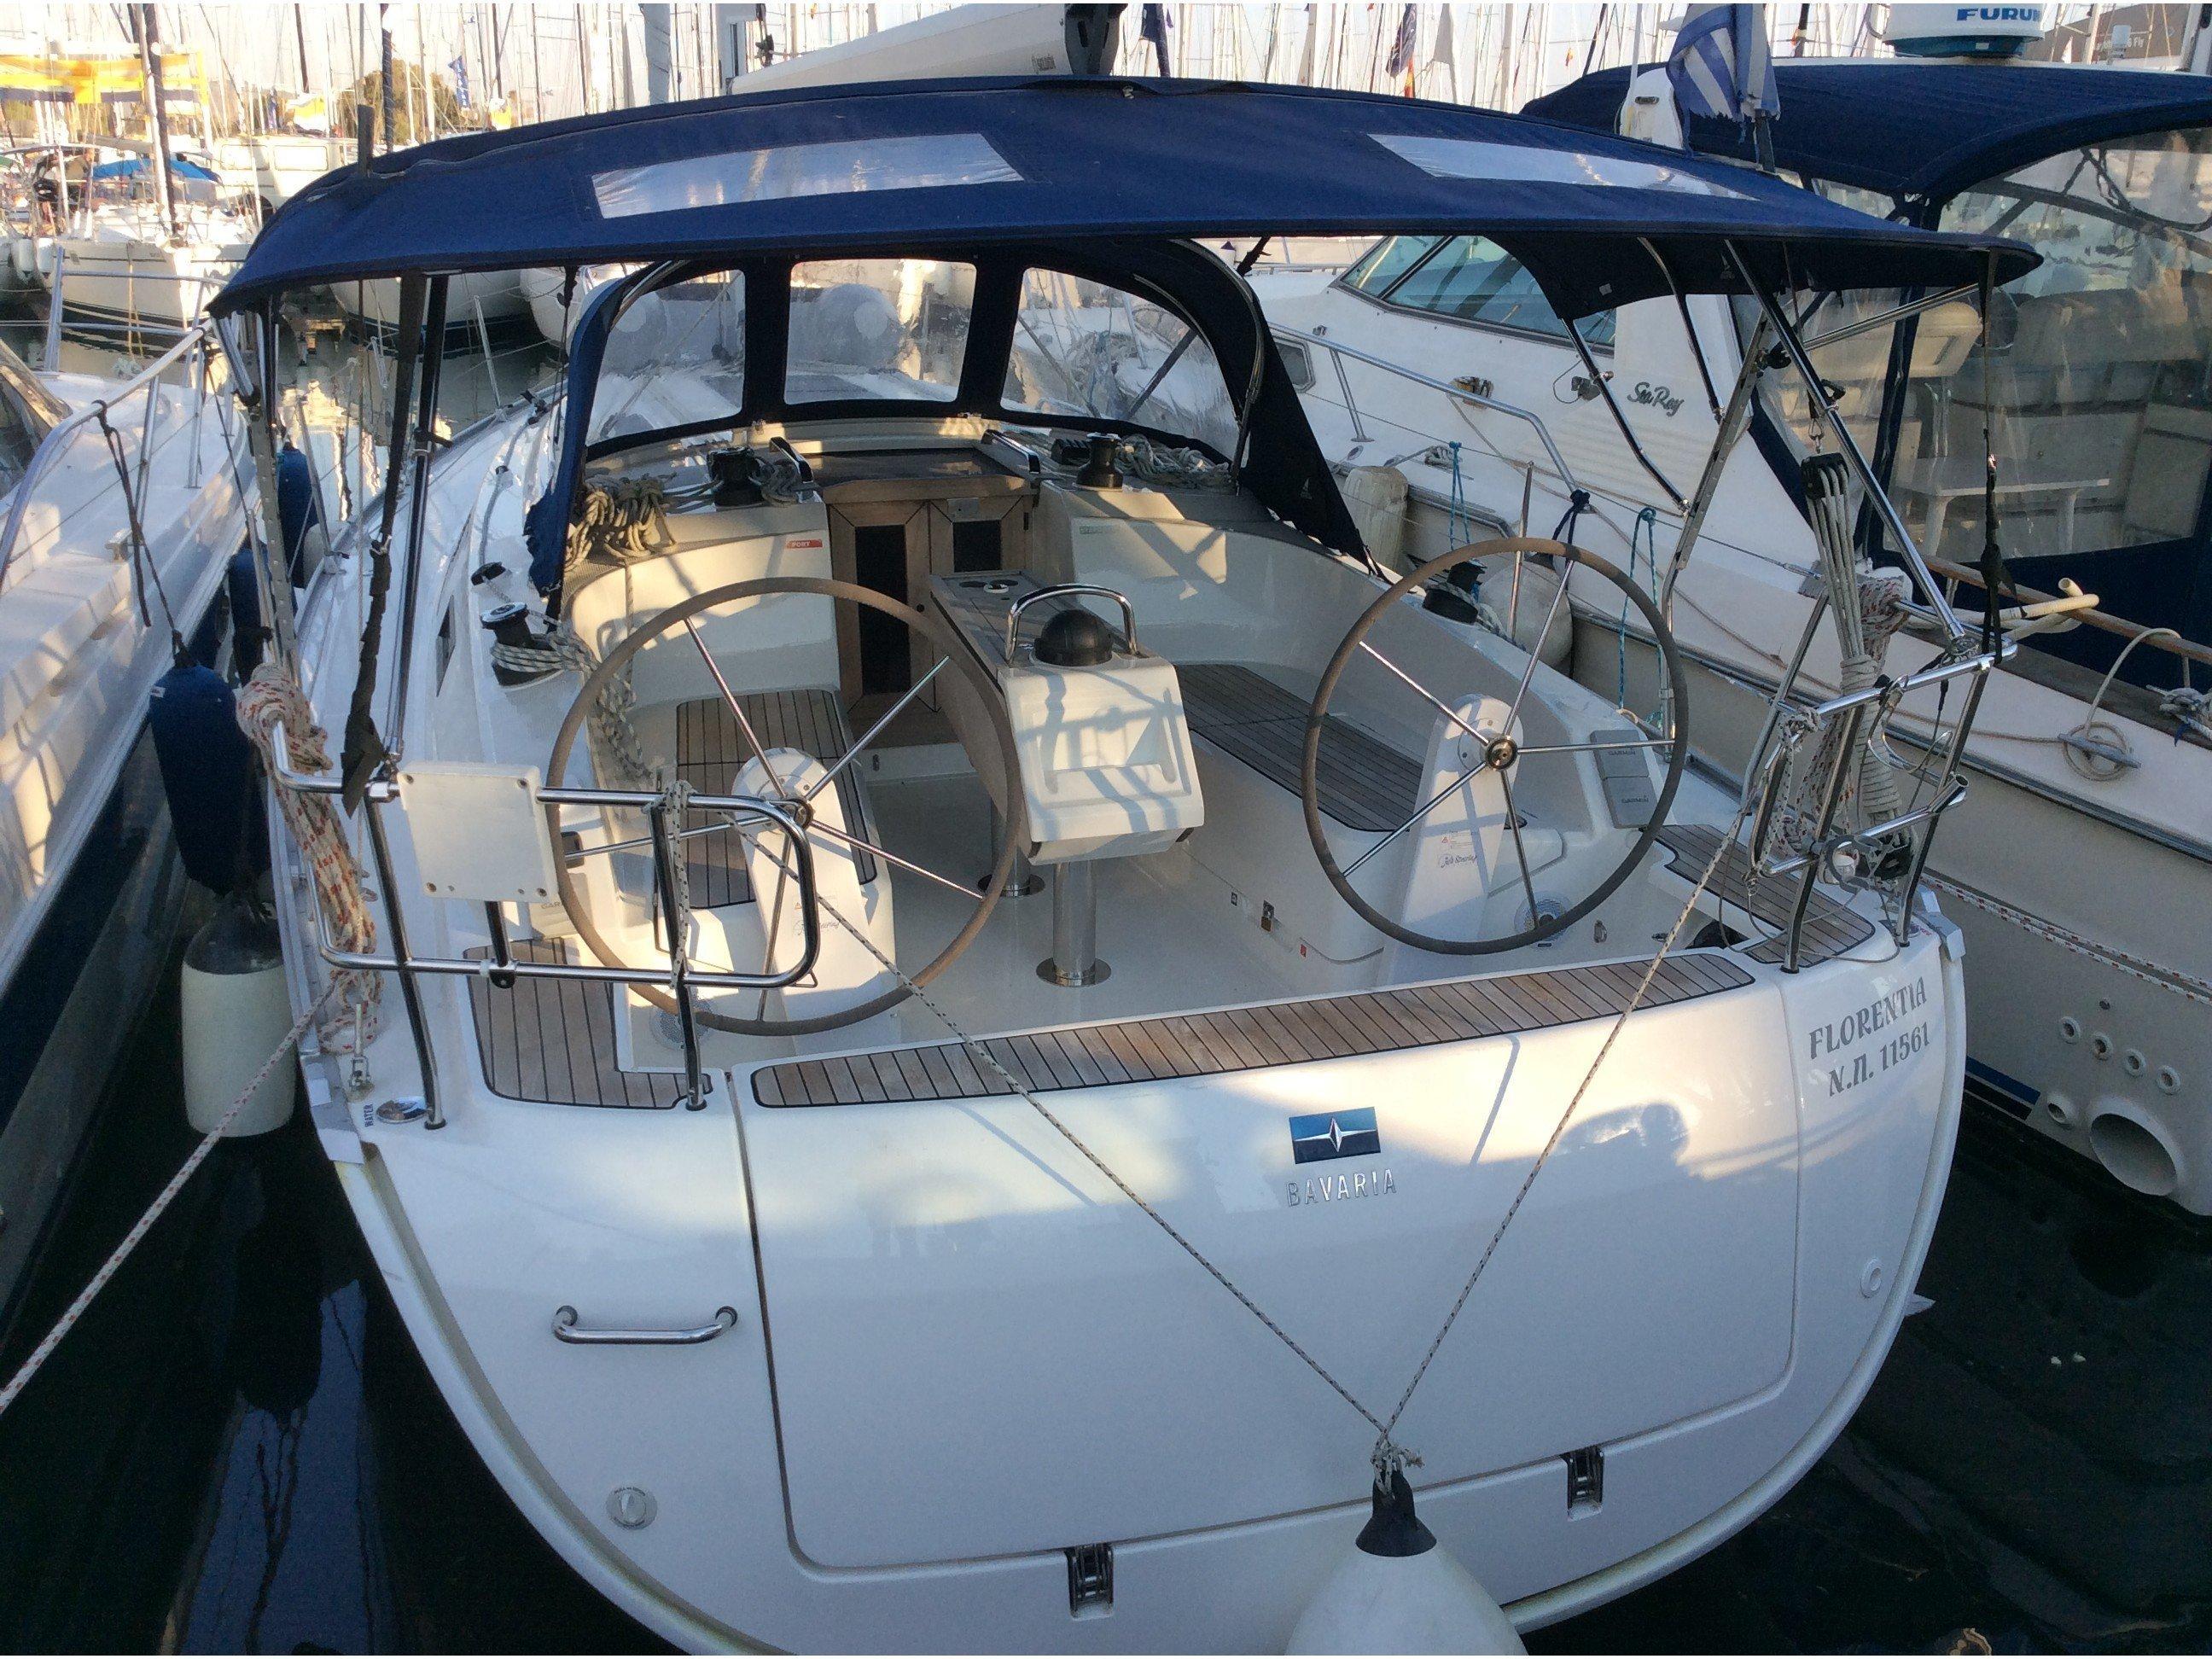 Bavaria Cruiser 37 (Florentia) Main image - 0